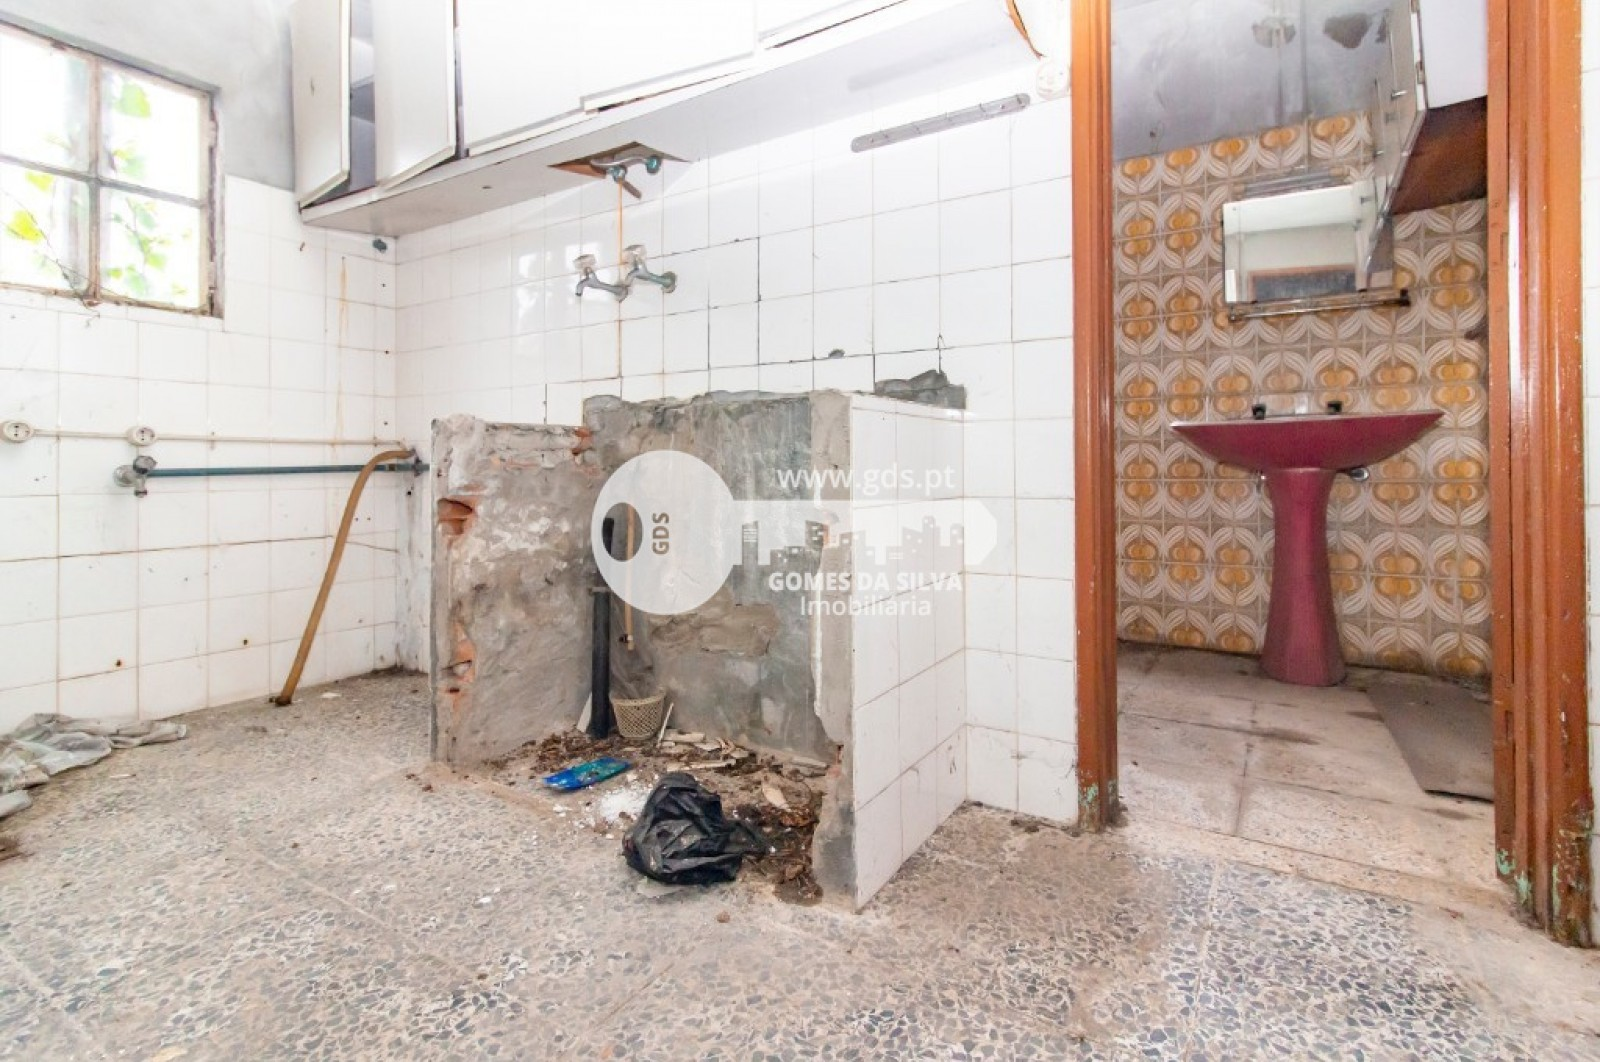 Moradia T3 para Venda em Priscos, Braga, Braga - Imagem 22